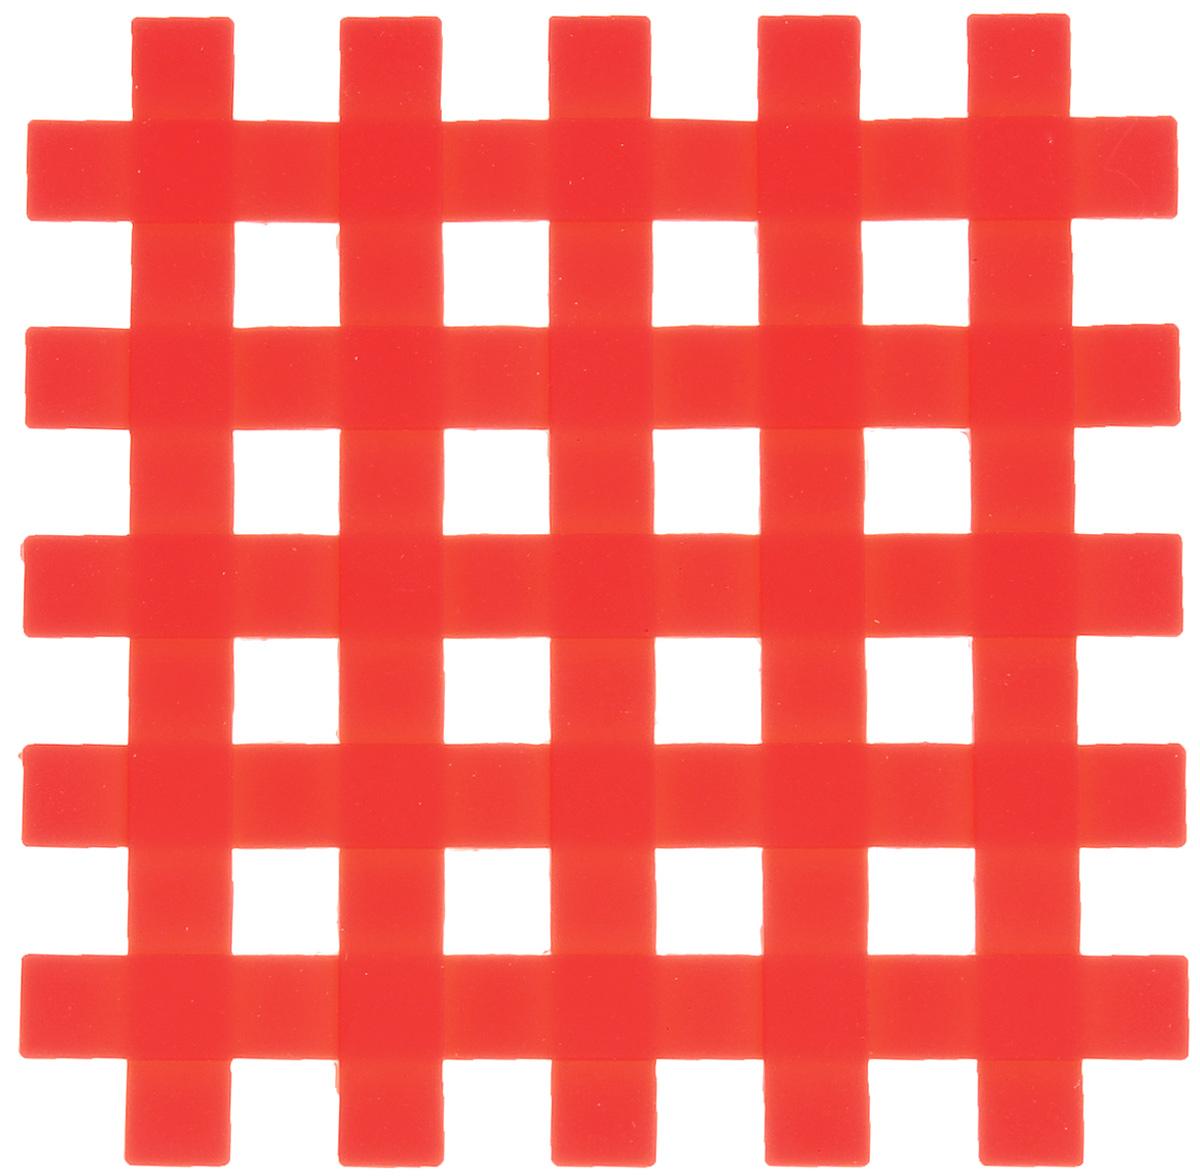 Подставка под горячее Mayer & Boch, силиконовая, цвет: красный, 17 х 17 см20059_красныйПодставка под горячее Mayer & Boch изготовлена из силикона и оформлена ввиде сетки. Материал позволяет выдерживать высокиетемпературы и не скользит по поверхности стола.Каждая хозяйка знает, что подставка под горячее - это незаменимый и очень полезныйаксессуар на каждойкухне. Ваш стол будет не только украшен яркой и оригинальной подставкой, но также вы сможете уберечь его от воздействия высокихтемператур.